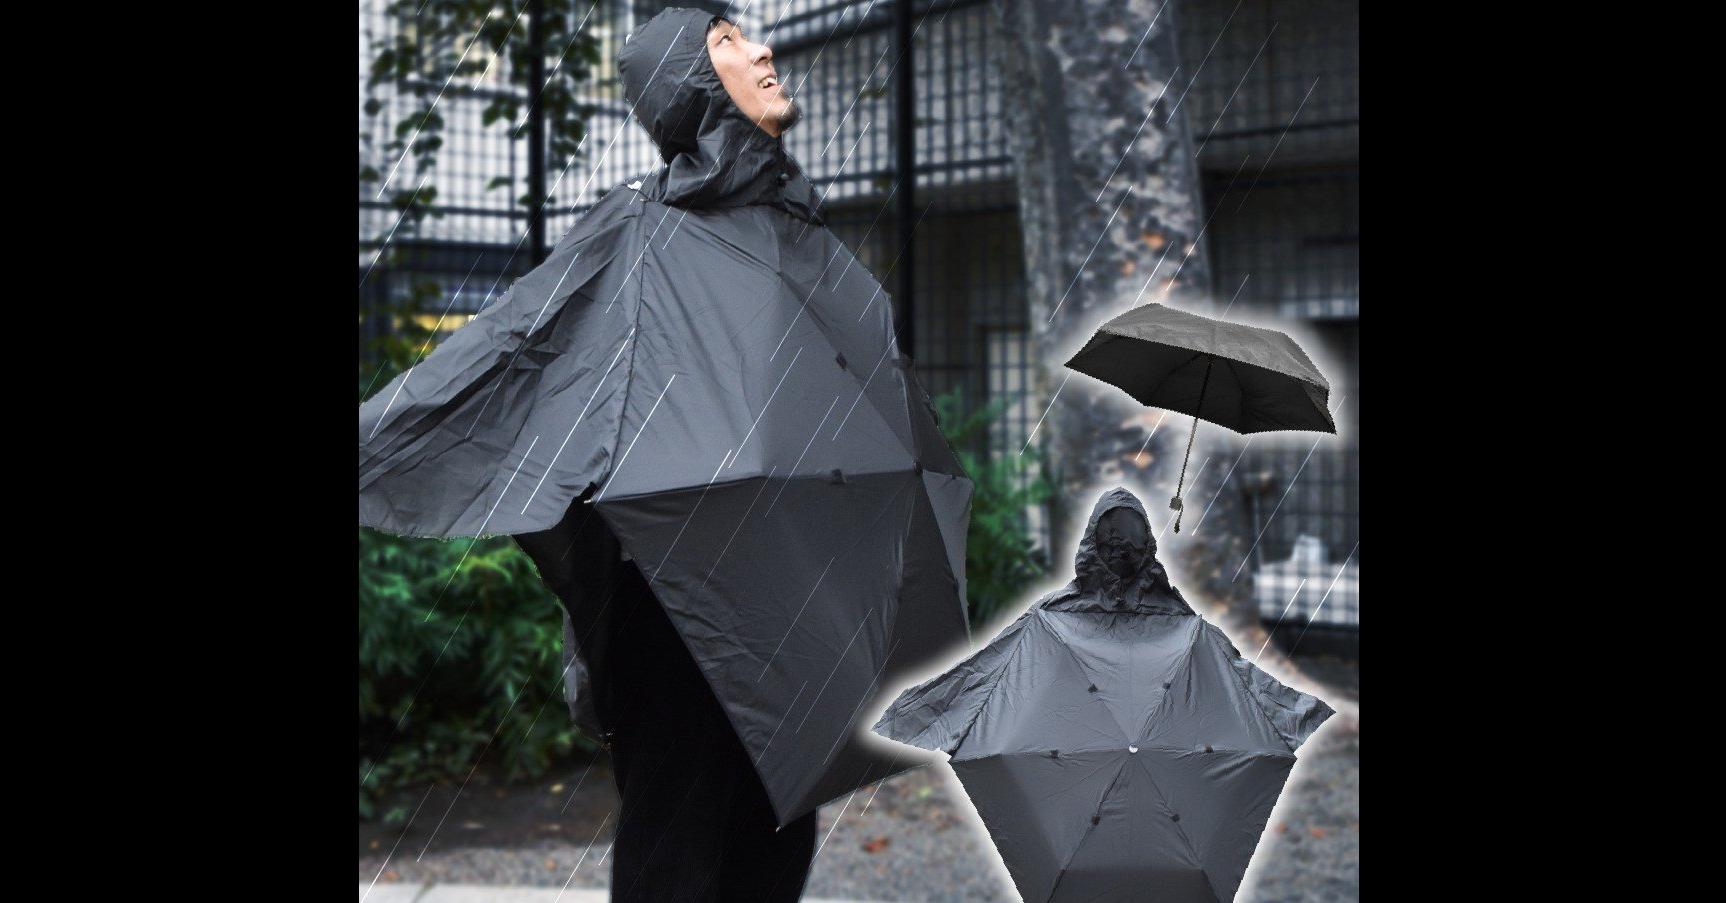 照片中包含了肩、雨傘、雨披、雨衣、外衣